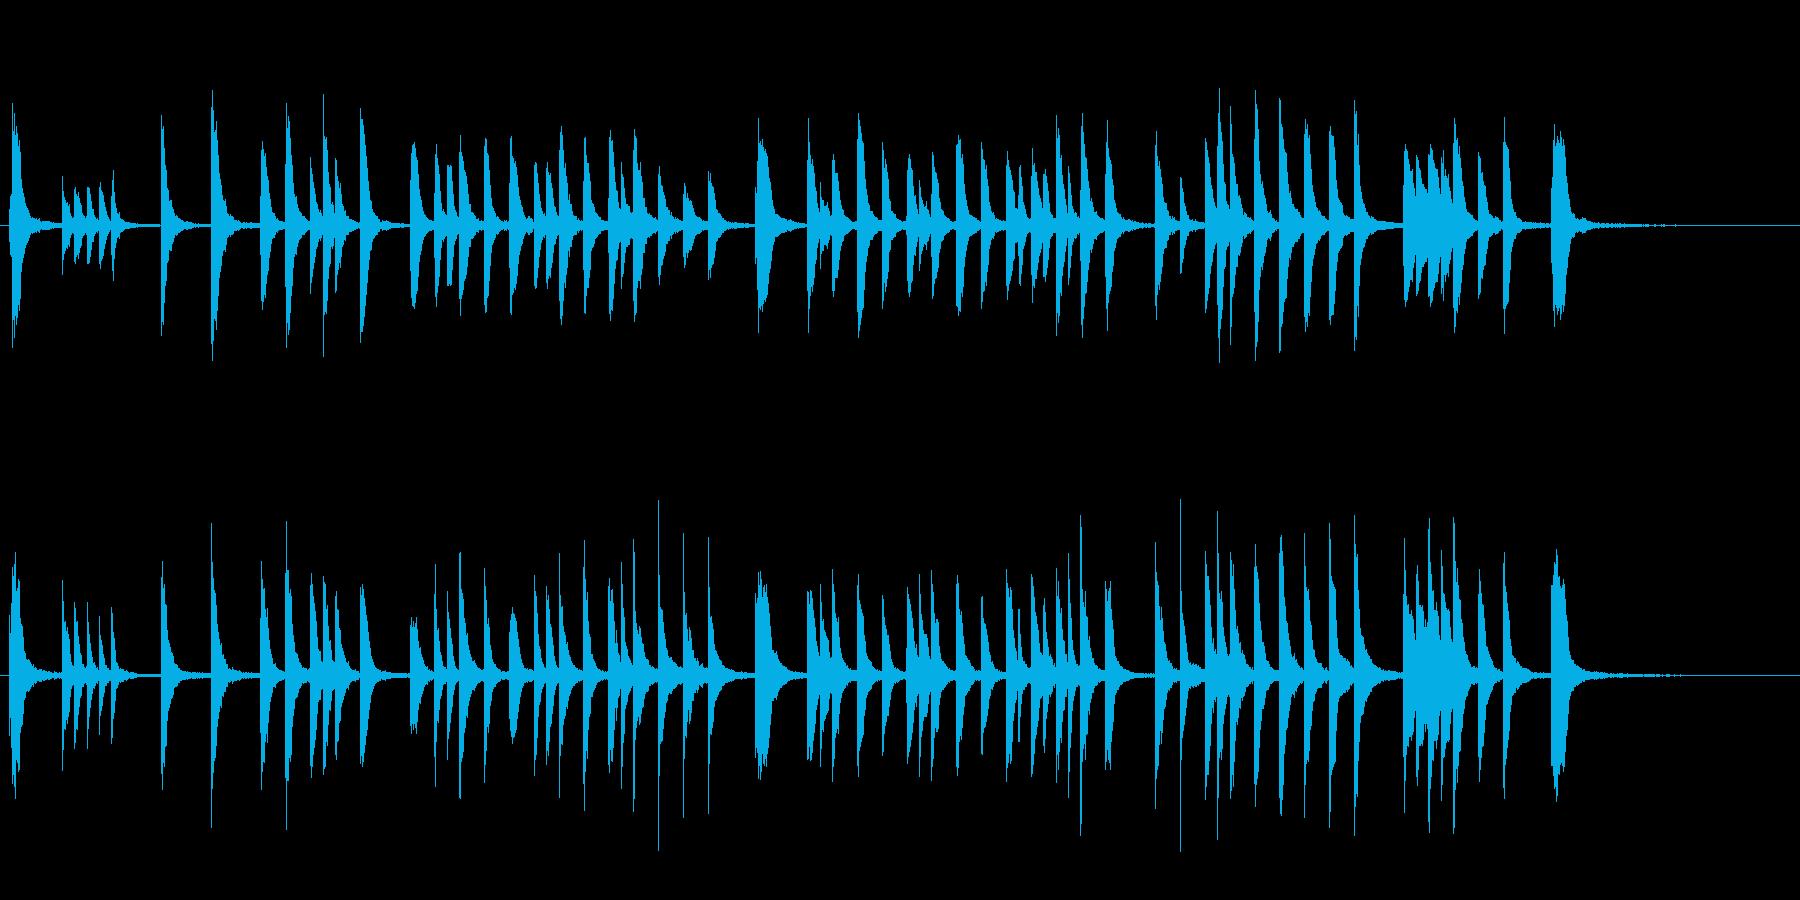 かわいい ほのぼの Eテレ風 ピアノ曲の再生済みの波形